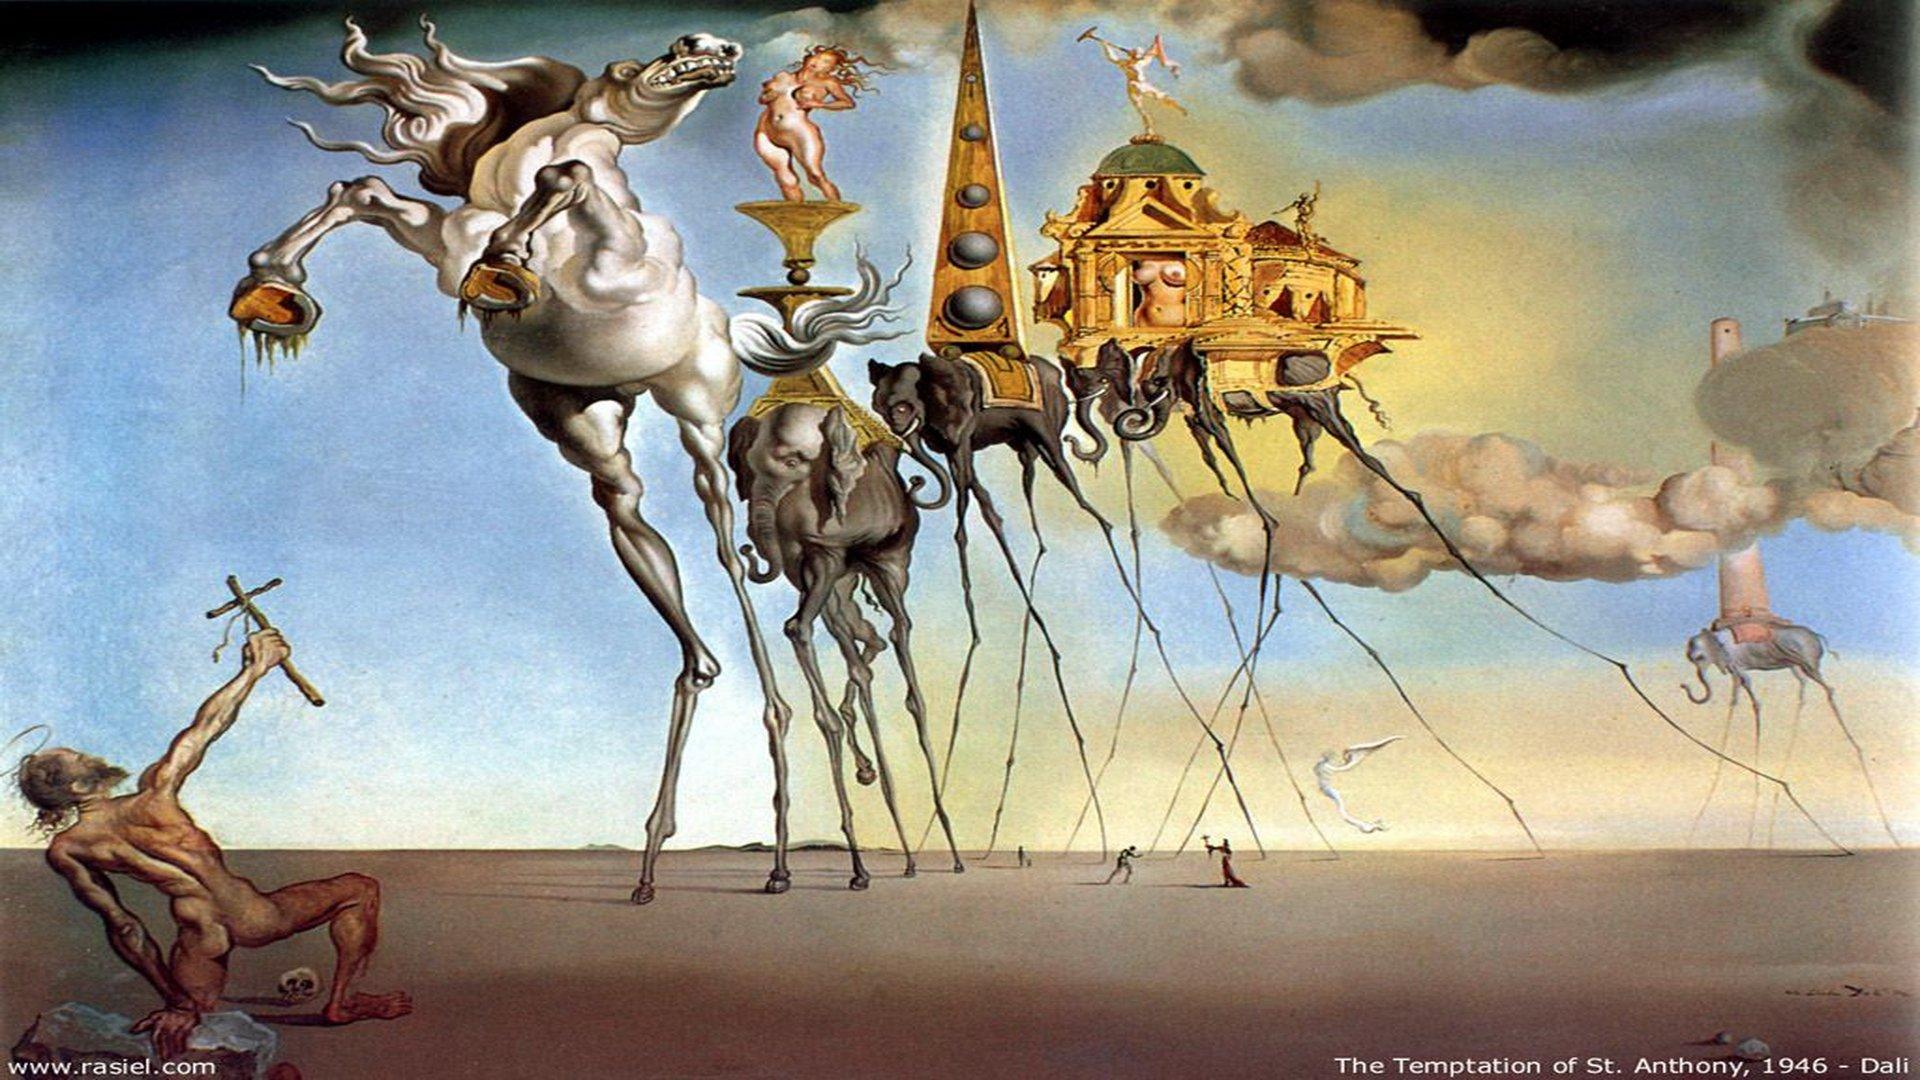 Salvador Dali Wallpapers 1920x1080 - WallpaperSafari